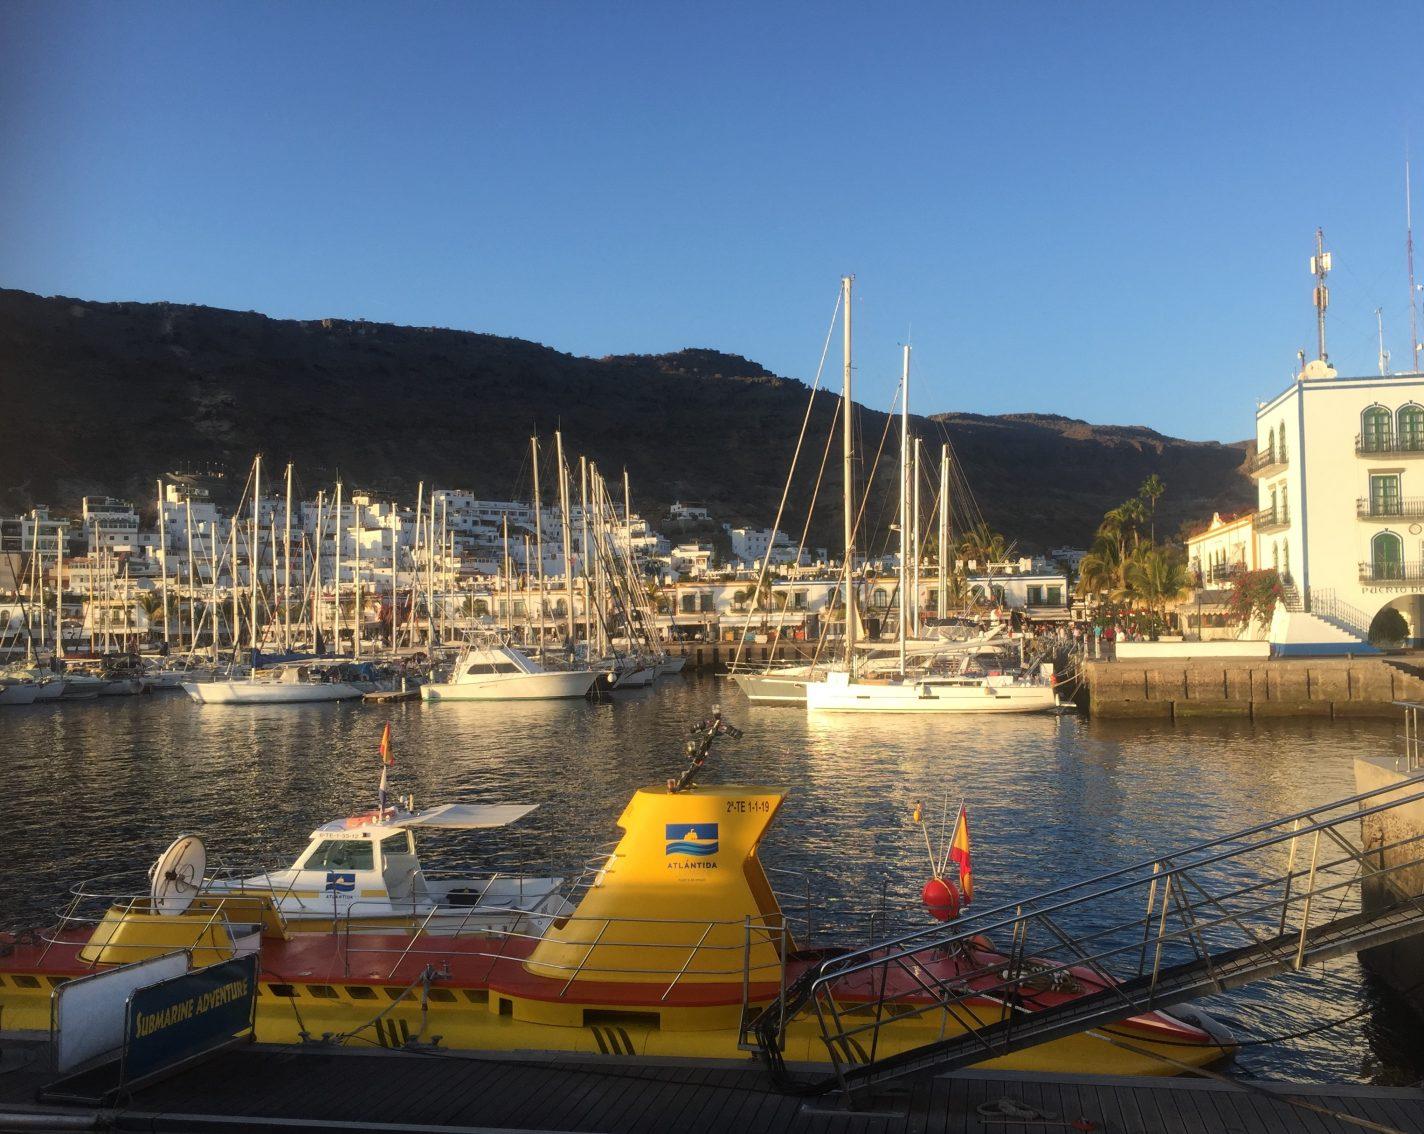 De haven van Puerto de Mogan op Gran Canaria